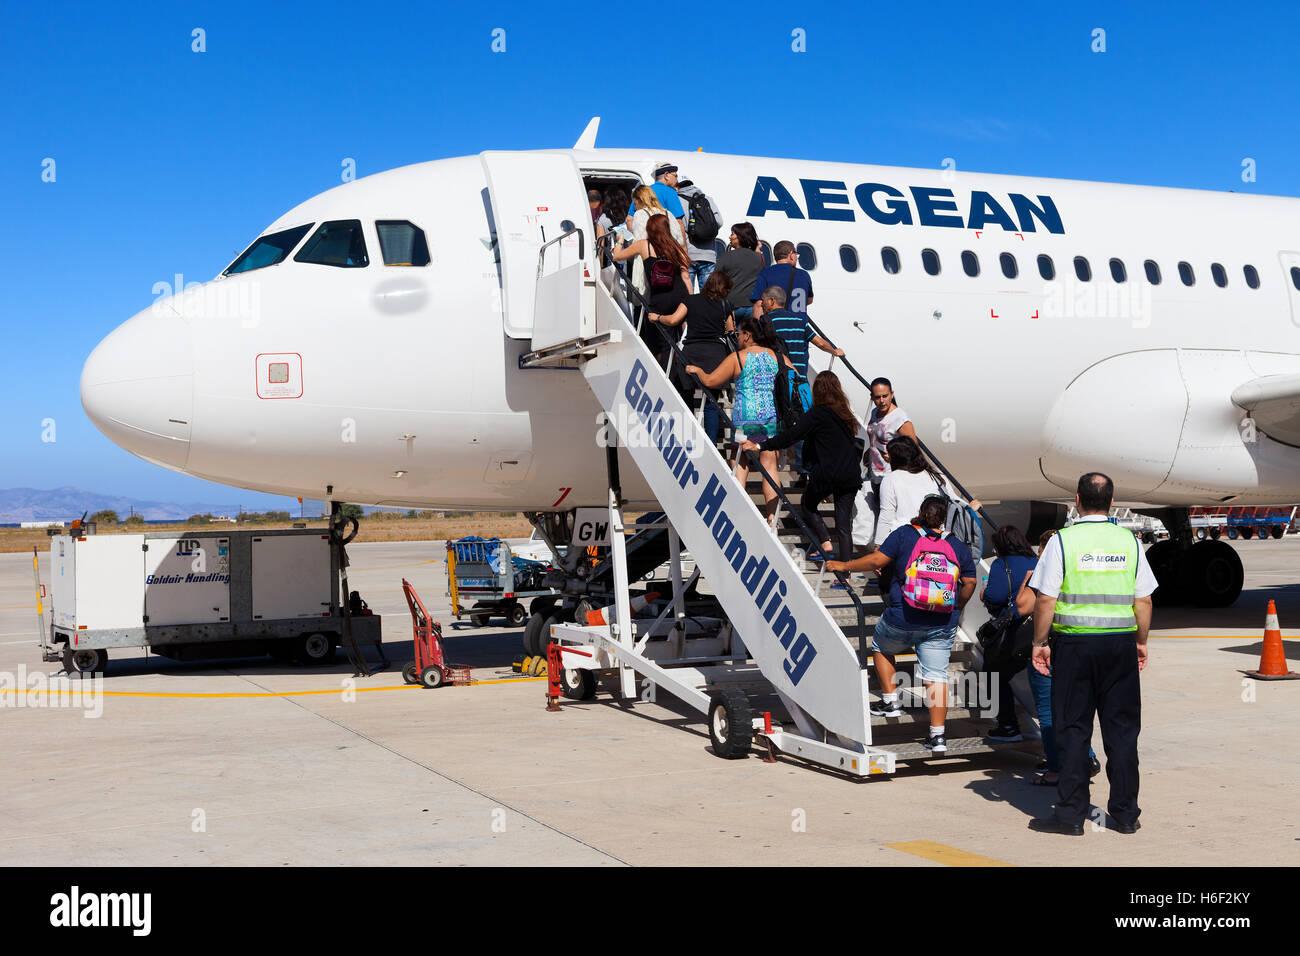 Los pasajeros a bordo de un avión comercial en el aeropuerto internacional de Diagoras de Rodas. Imagen De Stock